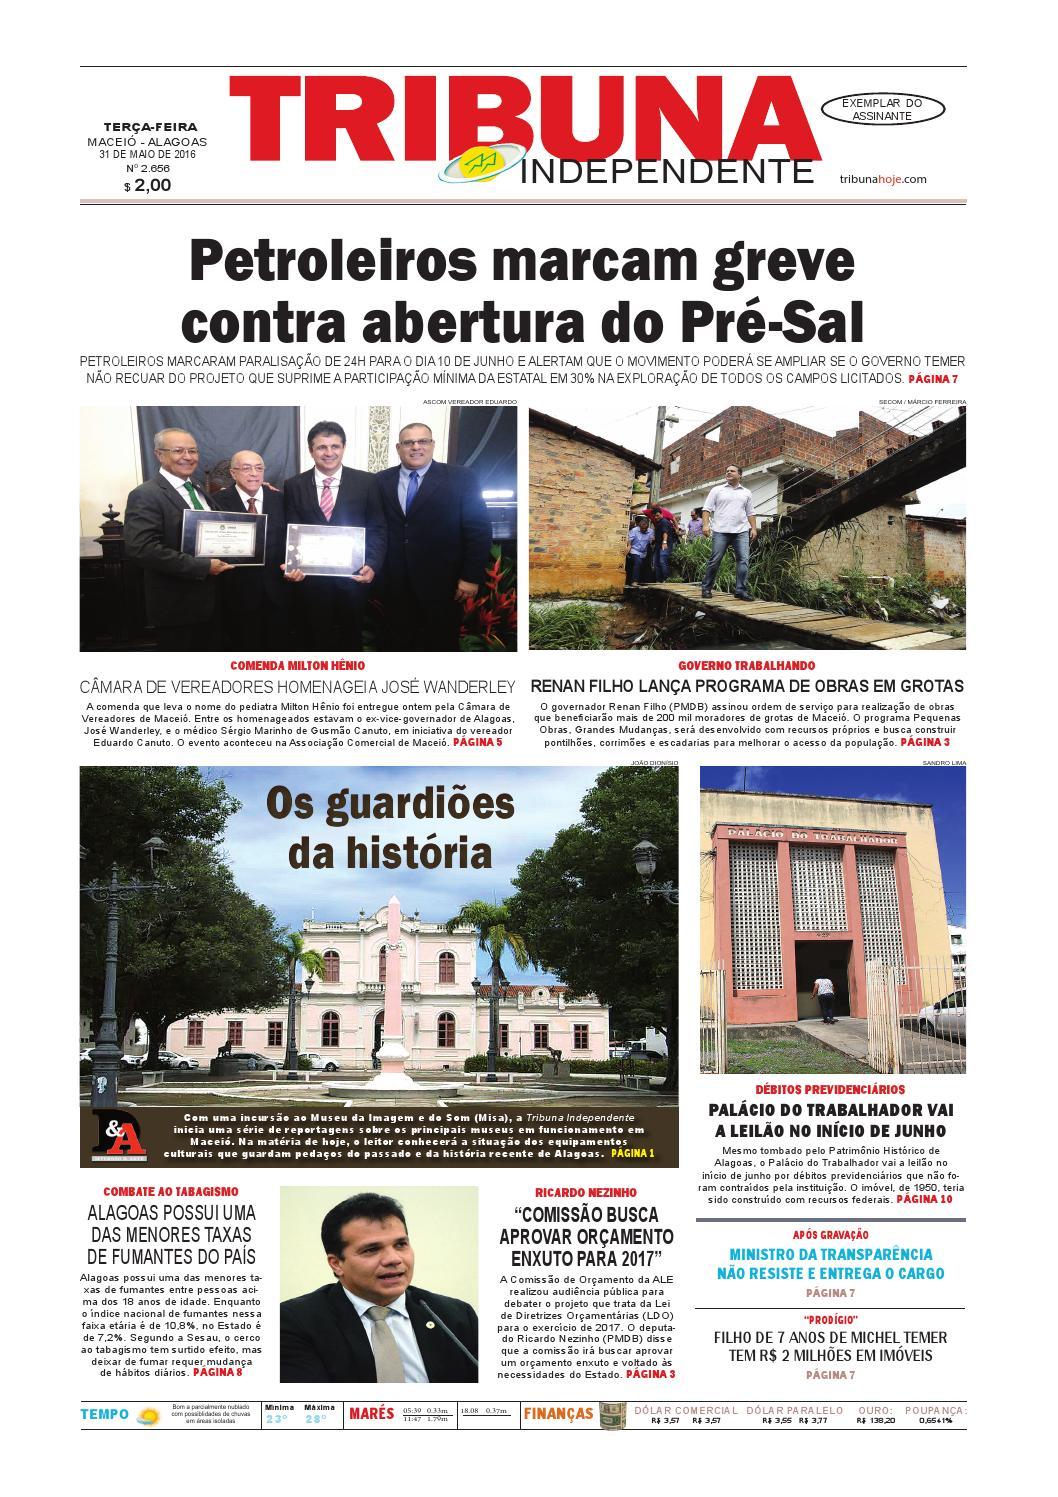 ba064b06c Edição número 2656 - 31 de maio de 2016 by Tribuna Hoje - issuu